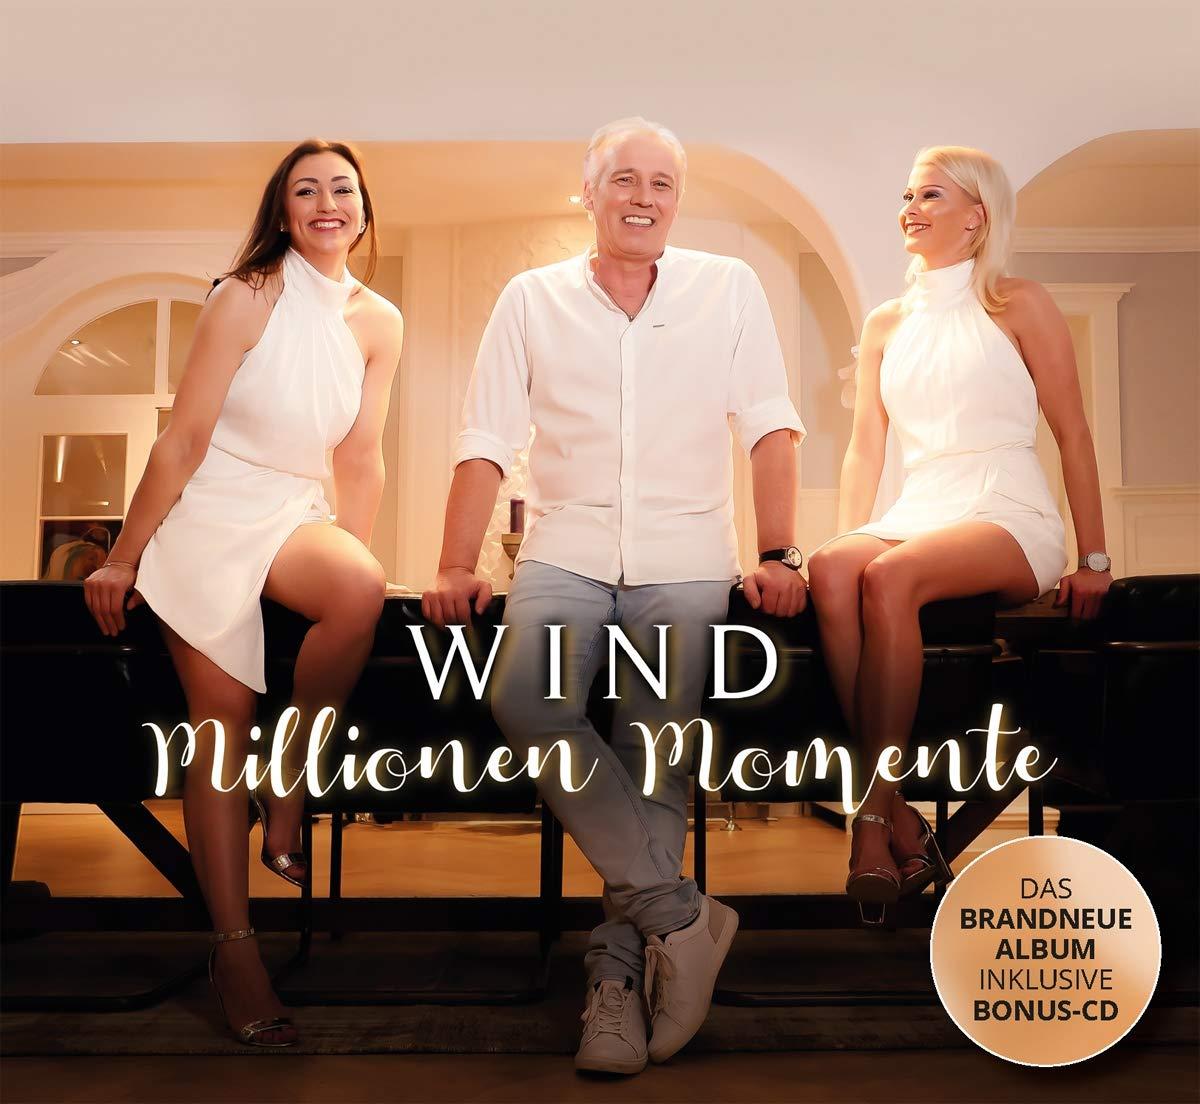 WIND * Millionen Momente (CD+Bonus-CD)